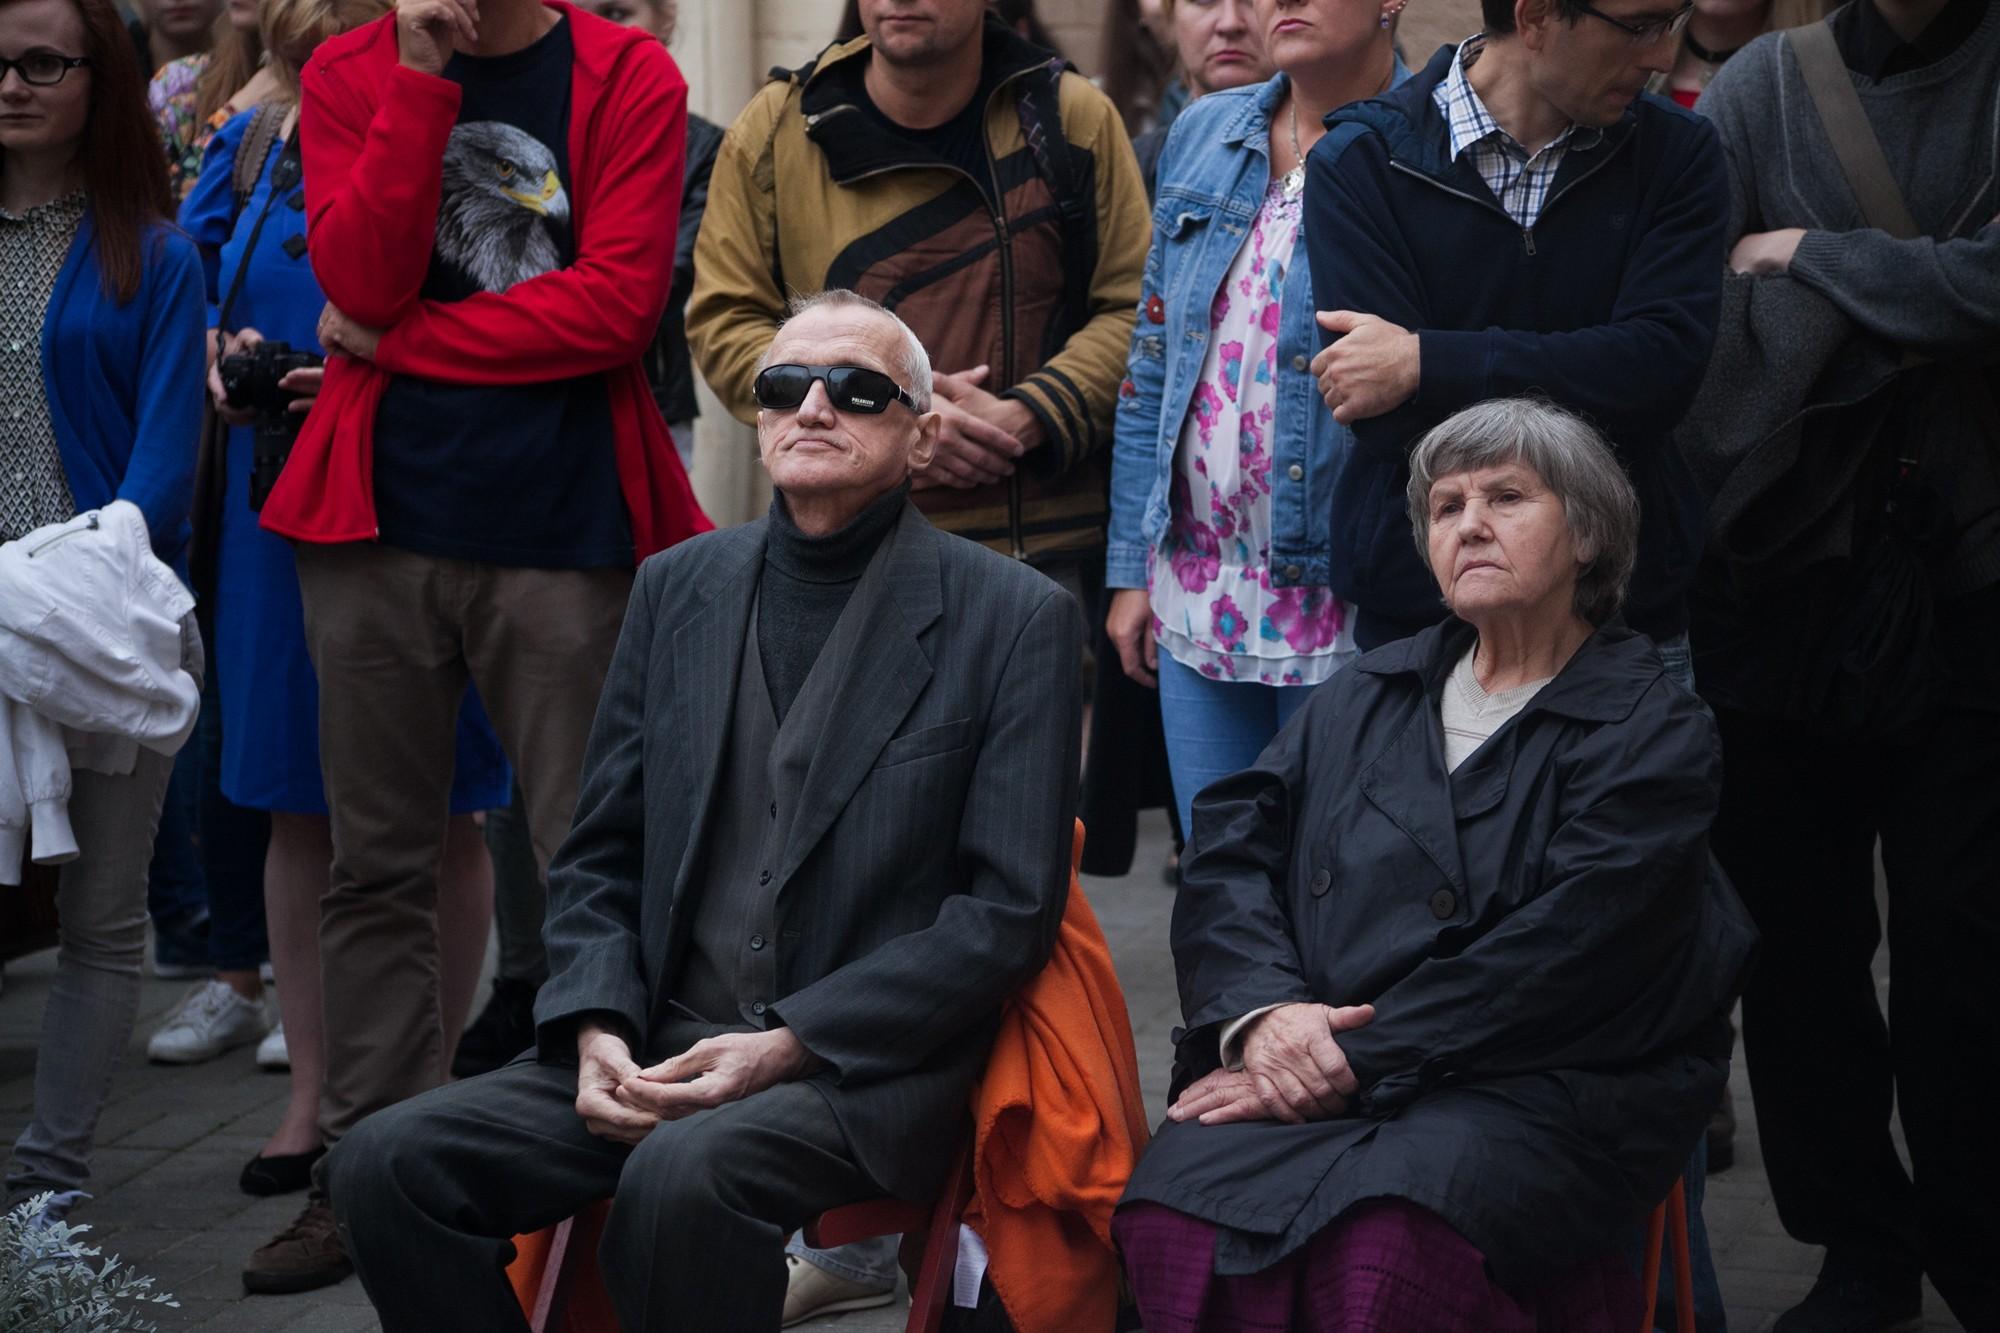 Запрещённый» идеологами Алесь Денисов сыграл сольный альбом 36a12540b1028